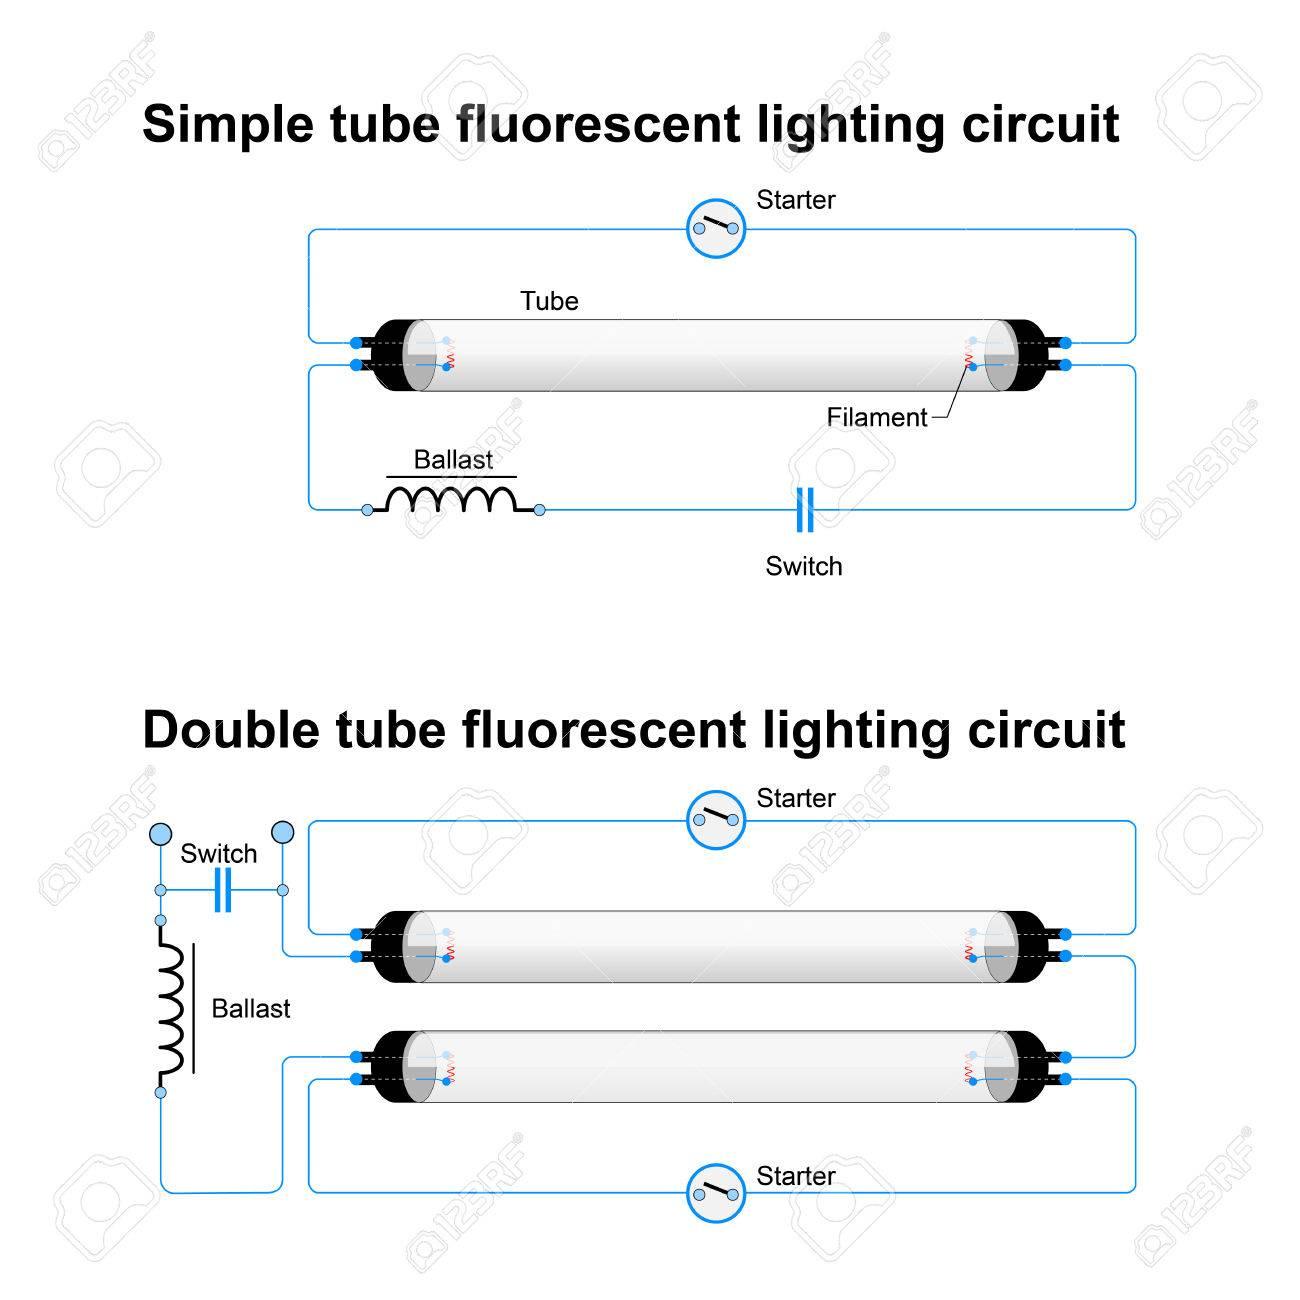 hight resolution of archivio fotografico circuito di illuminazione fluorescente singolo e doppio tubo schema vettoriale semplice